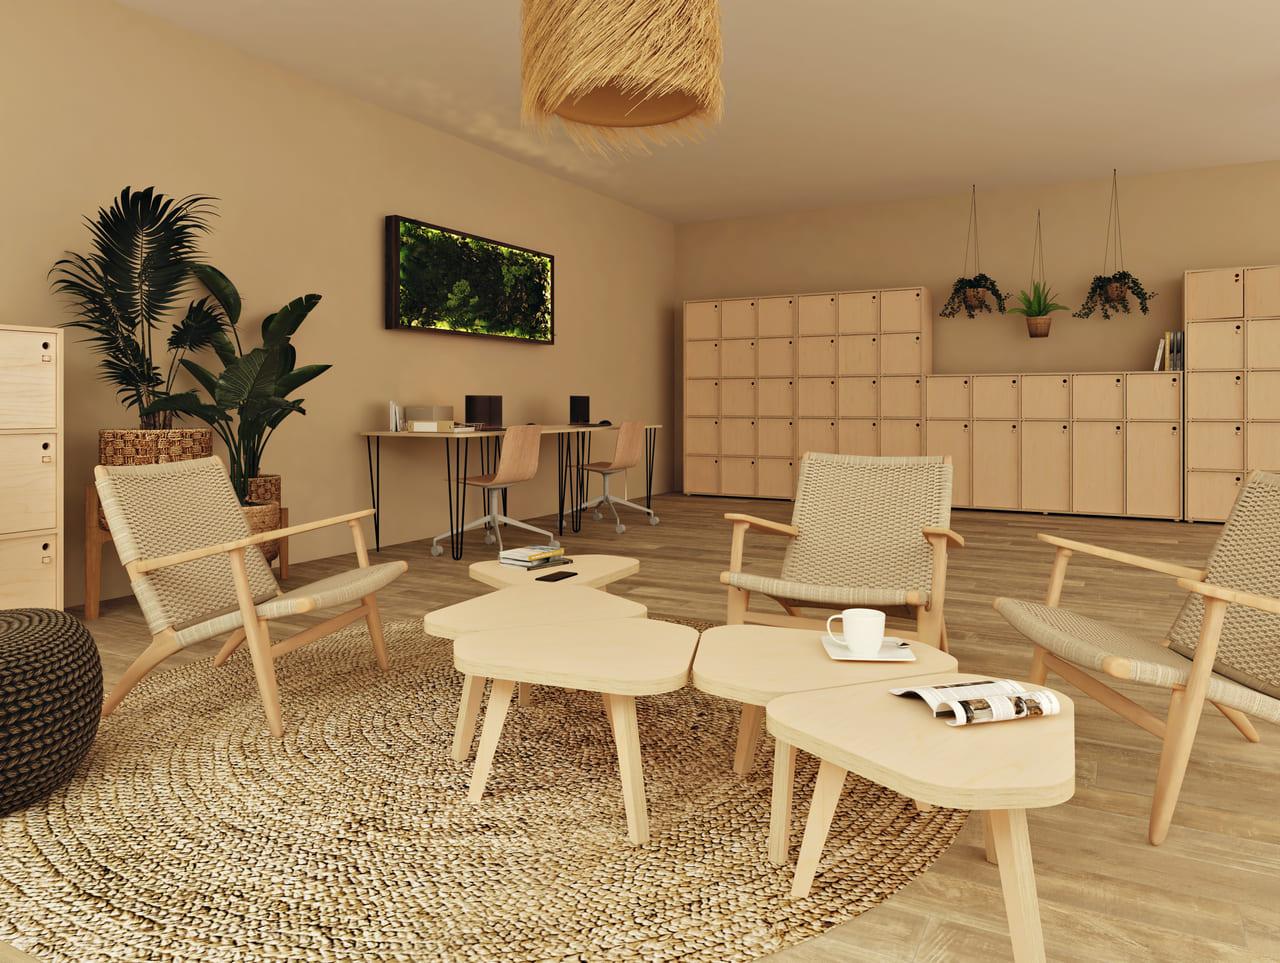 petite table basse en bois placée dans un espace informel composé de rangements en bois de bouleau, de fauteuils confortables, de tapis en osier et de plantes vertes pour une ambiance bohème et ethnique